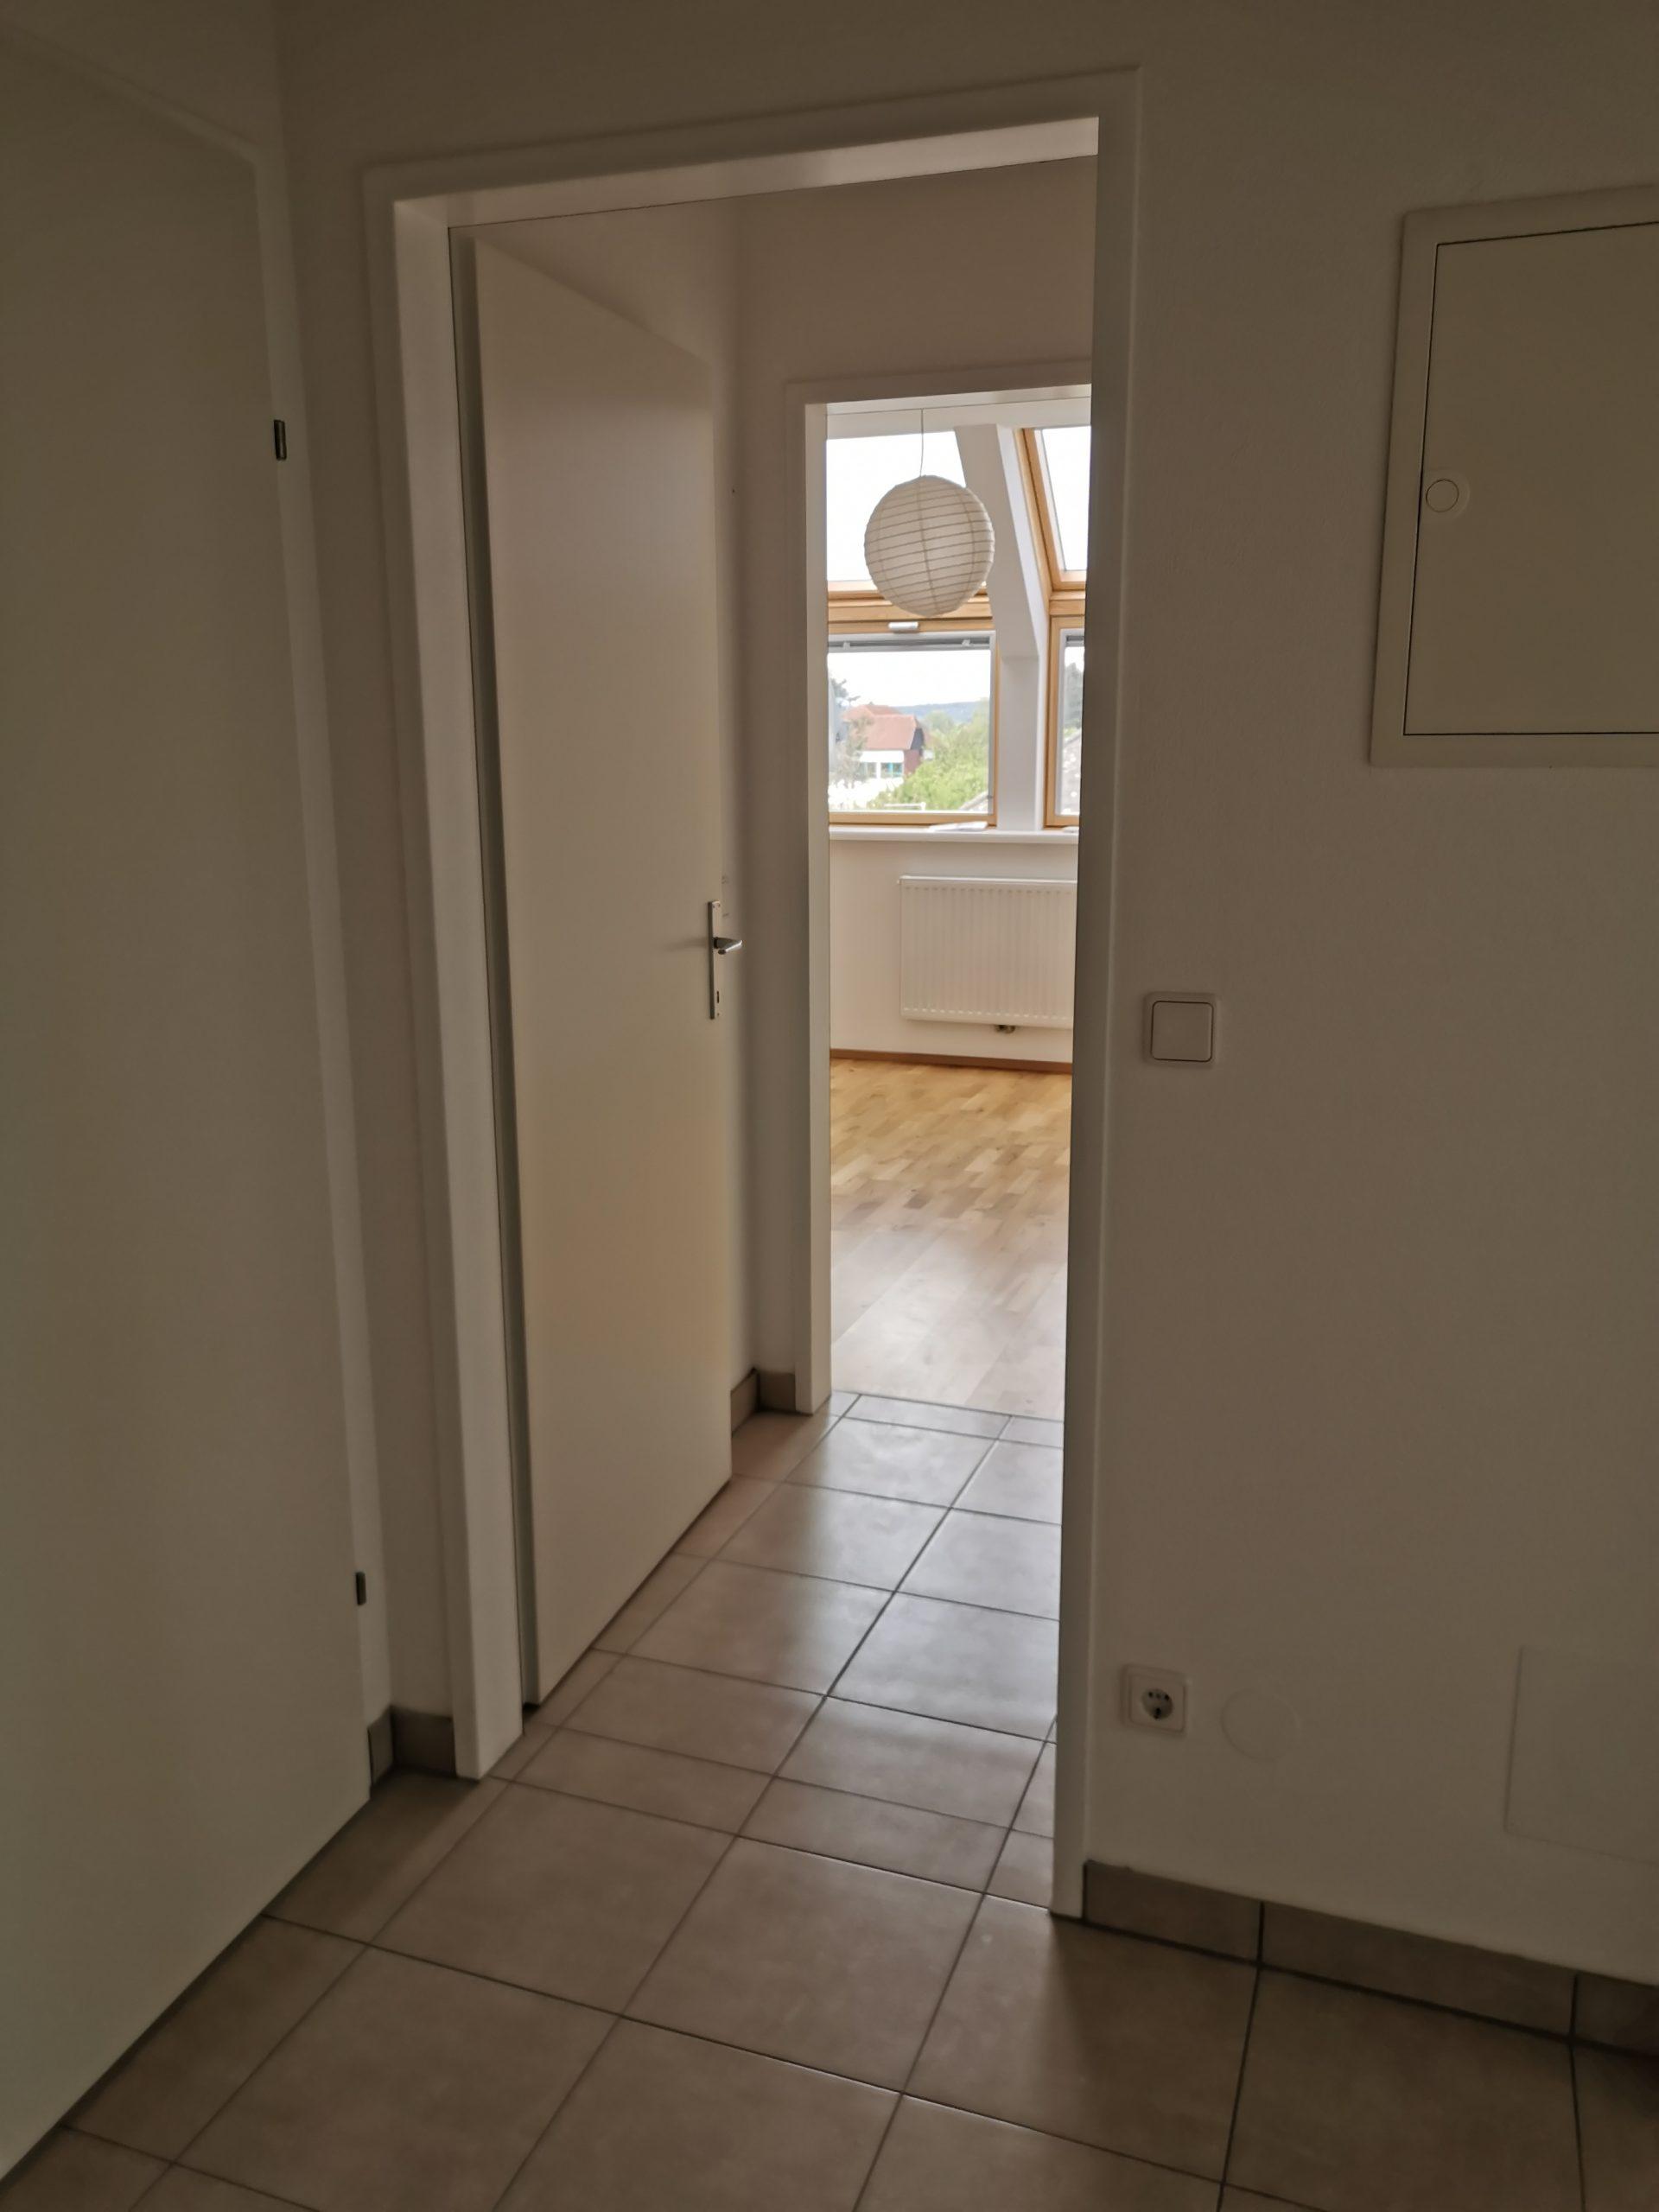 Immobilie von Kamptal in 3754 Irnfritz, Horn, Irnfritz II/3 - Top 308 #5